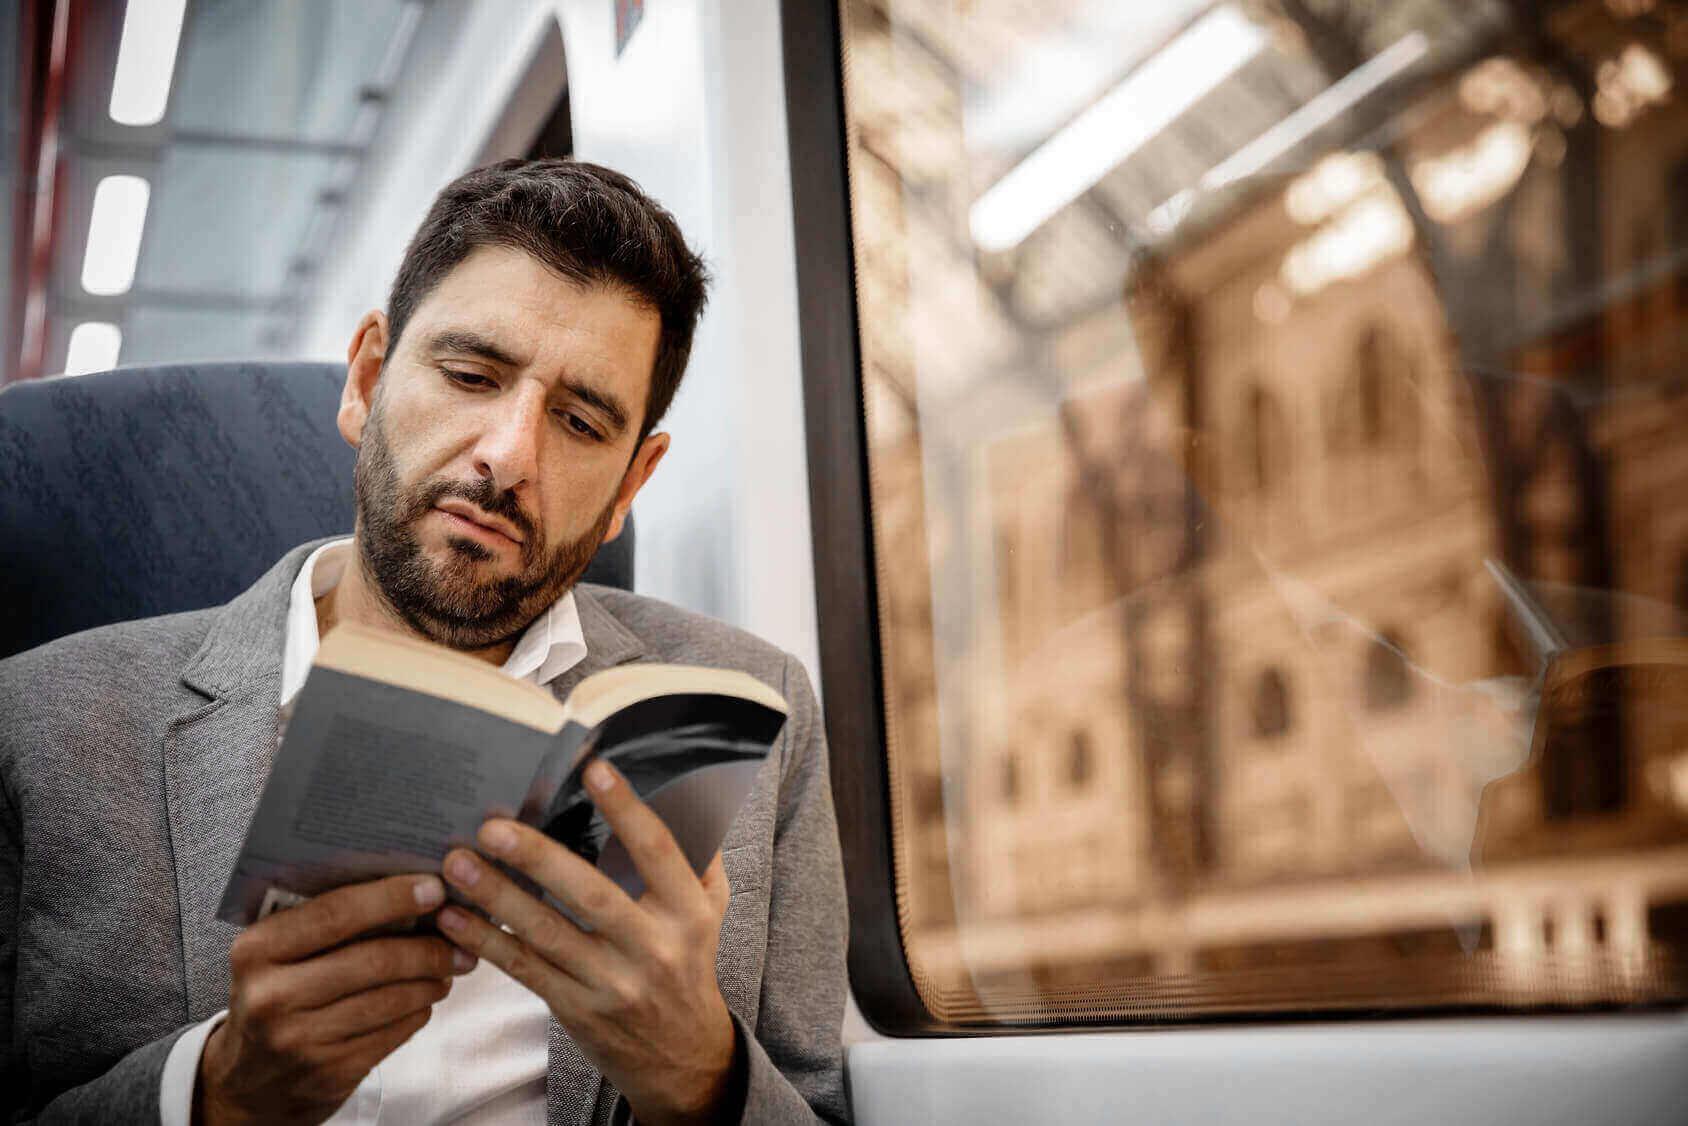 Arbeitsweg Buch lesen